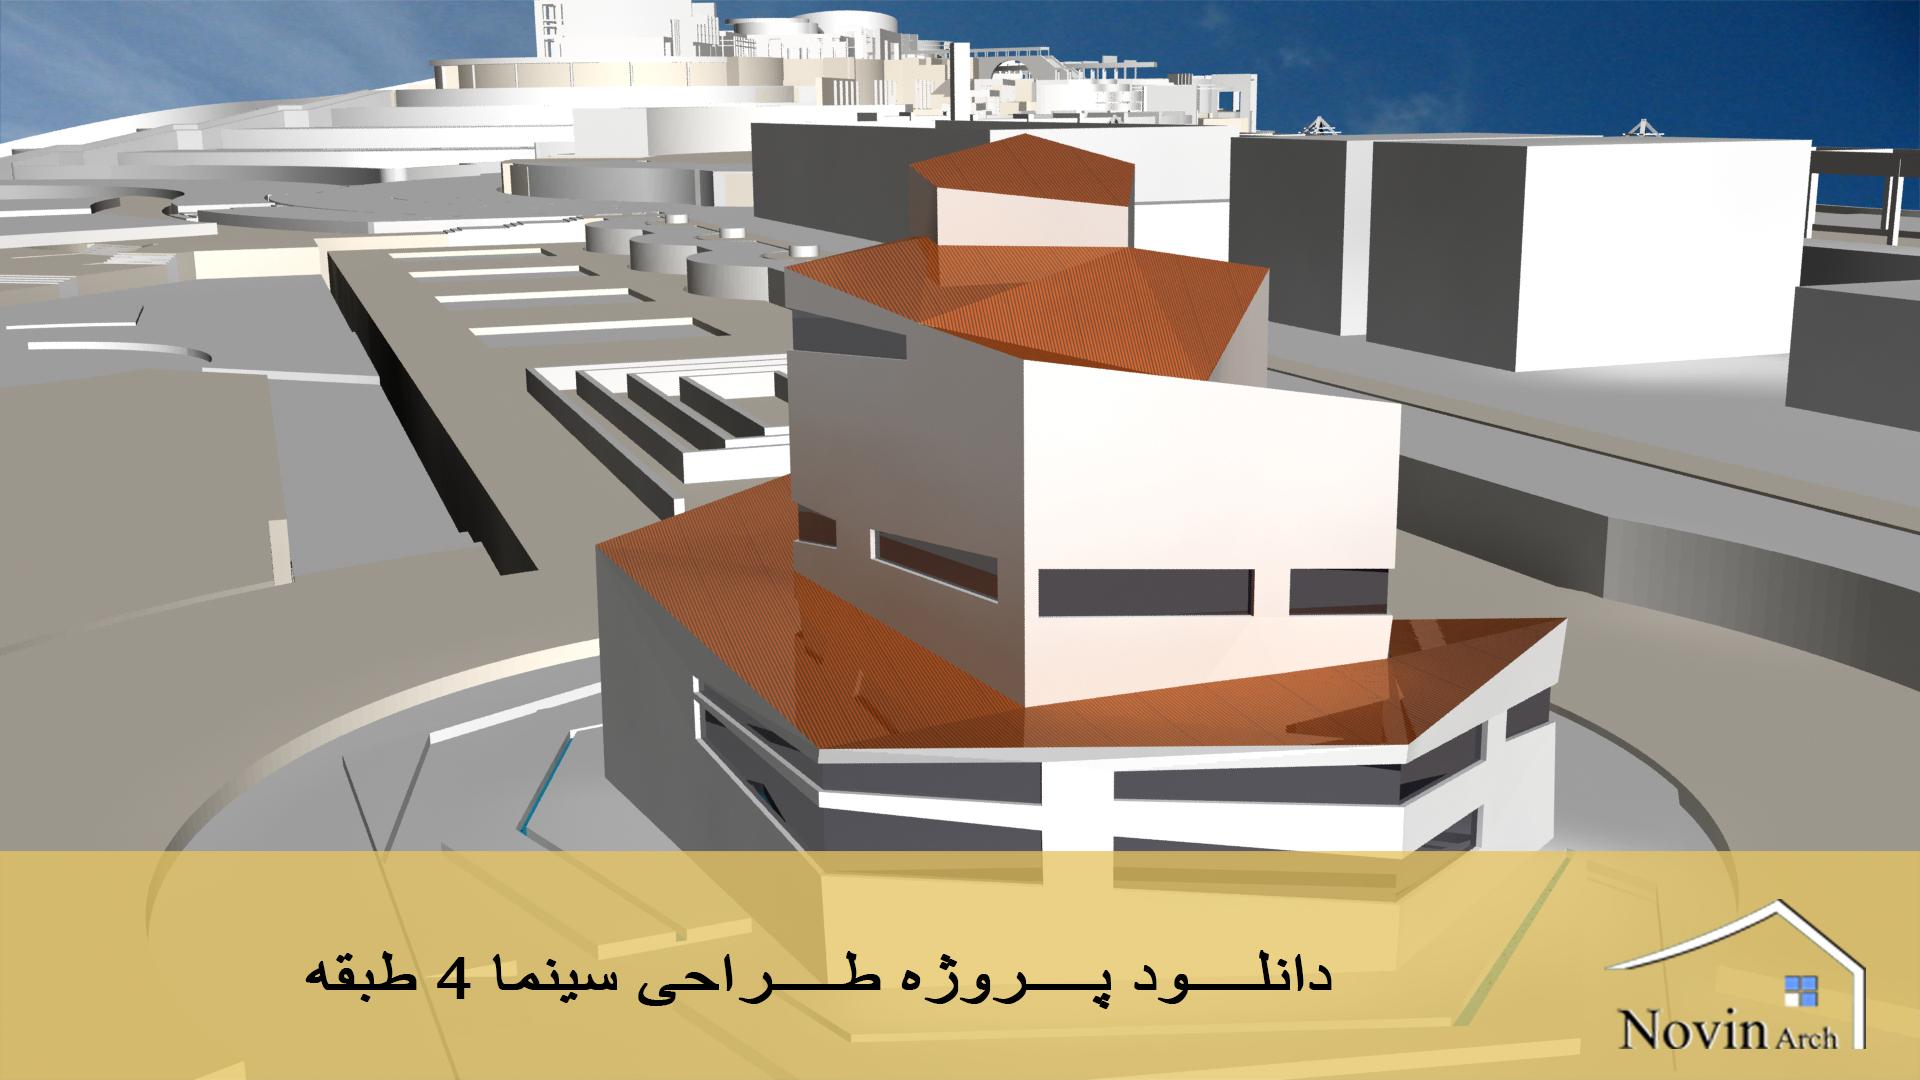 دانلود پروژه طراحی سینما 4 طبقه